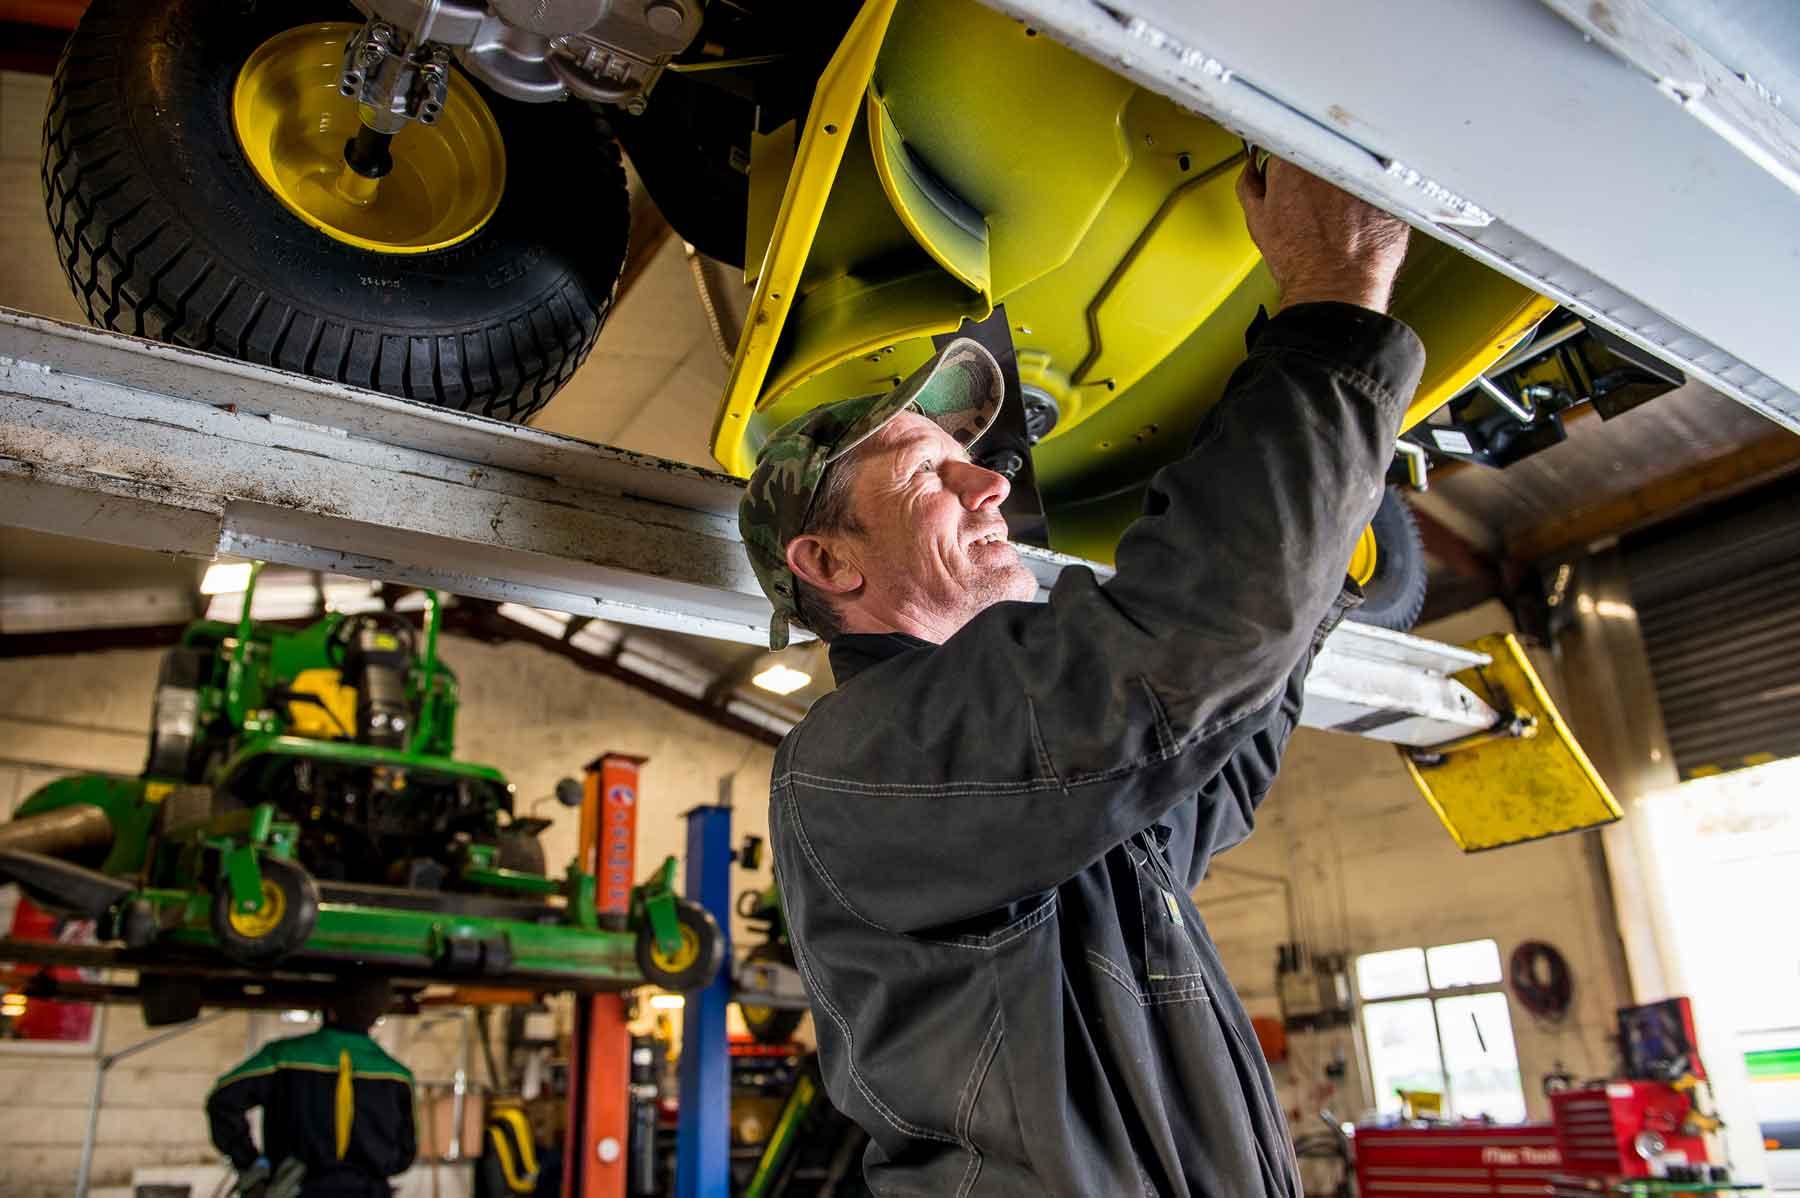 Powercut-service-mower